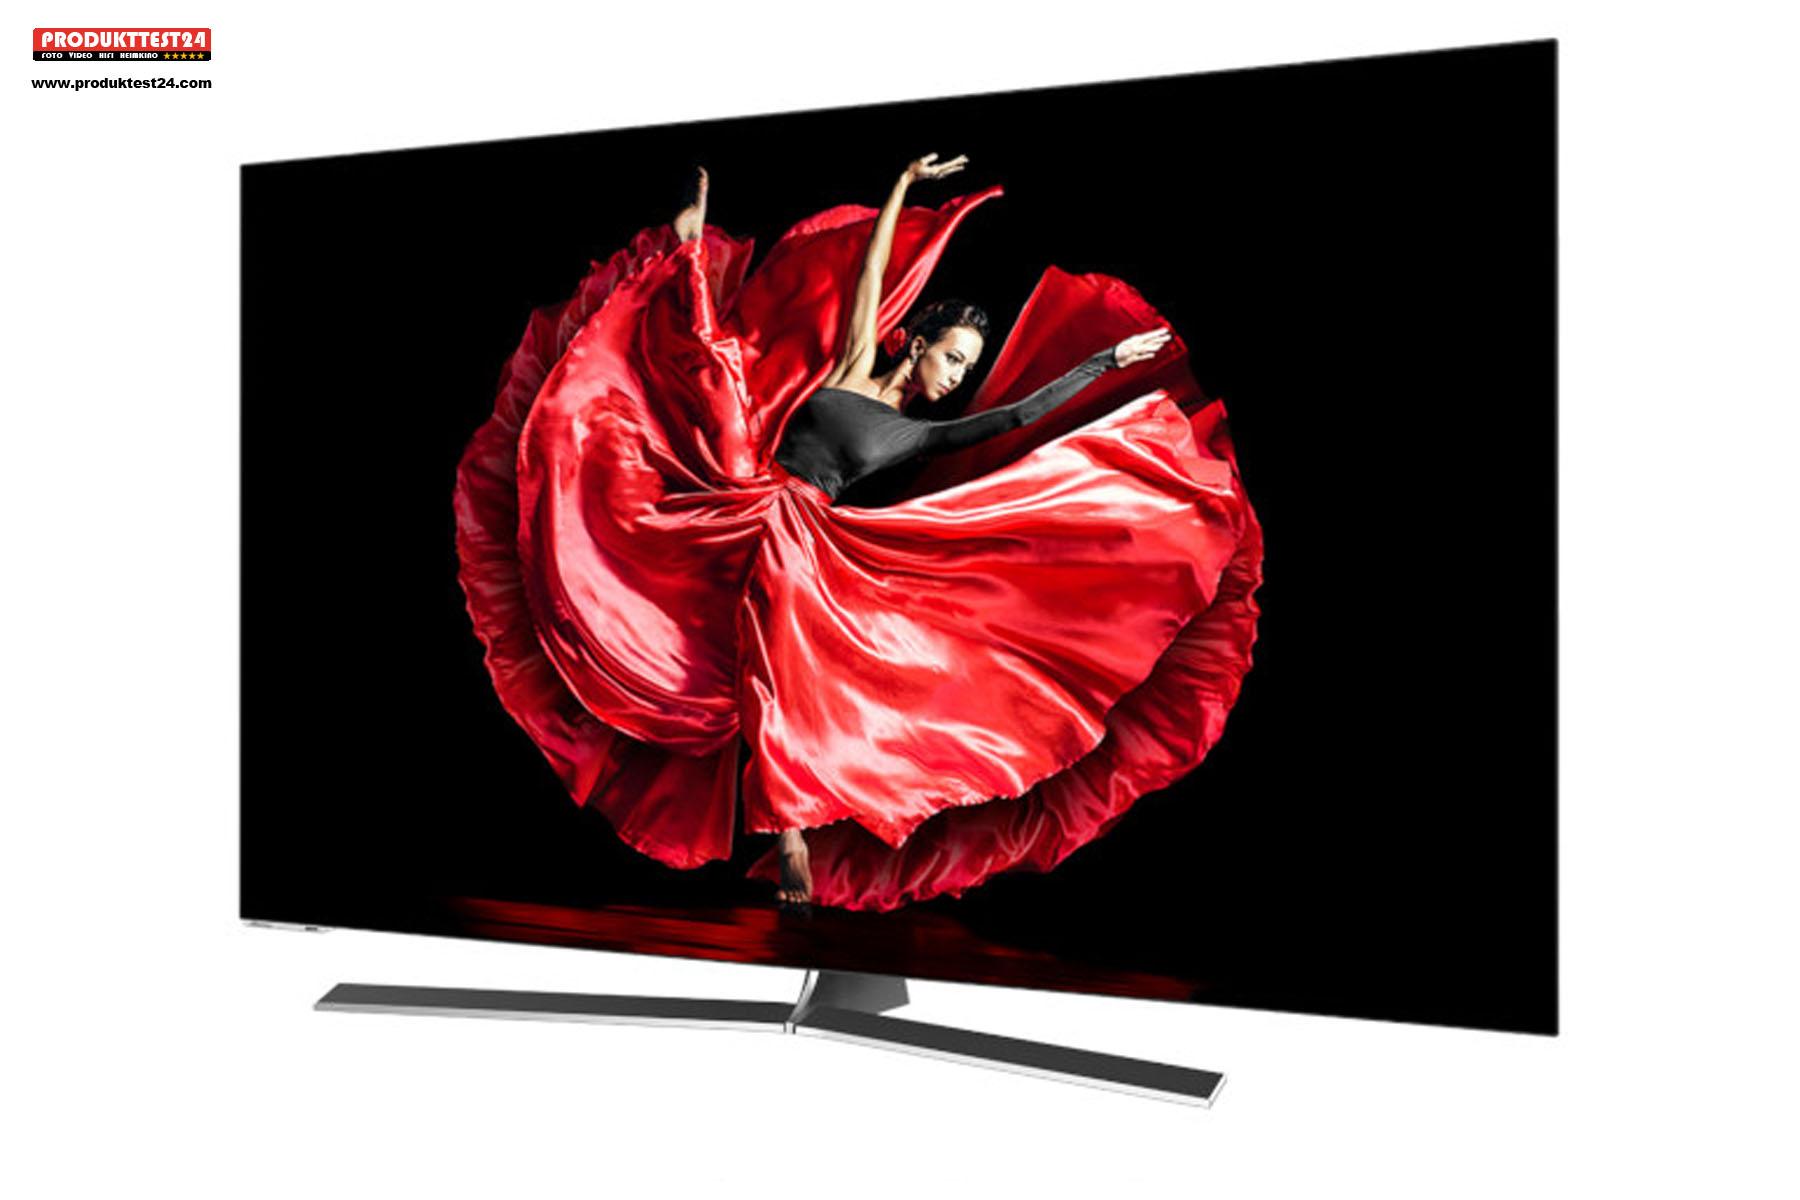 Der Hisense OLED Fernseher mit 55 Zoll Bilddiagonale